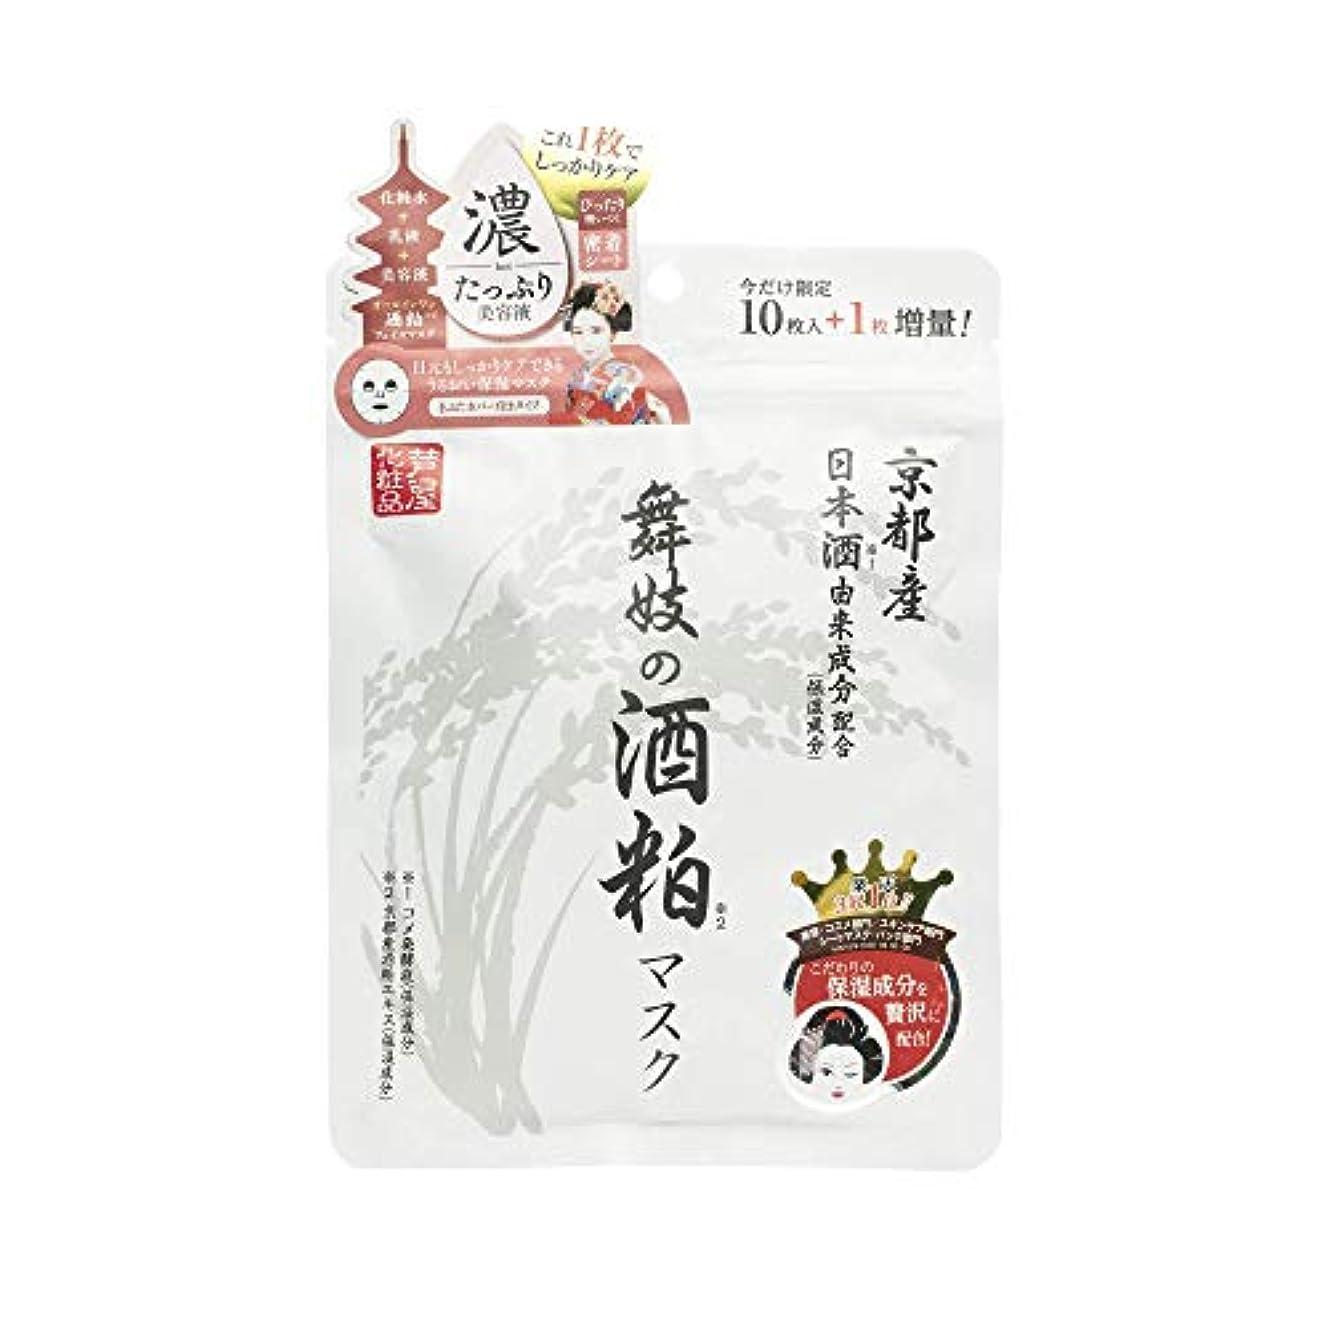 今までスキニーテクニカル芦屋化粧品 舞妓の酒粕マスク 10枚